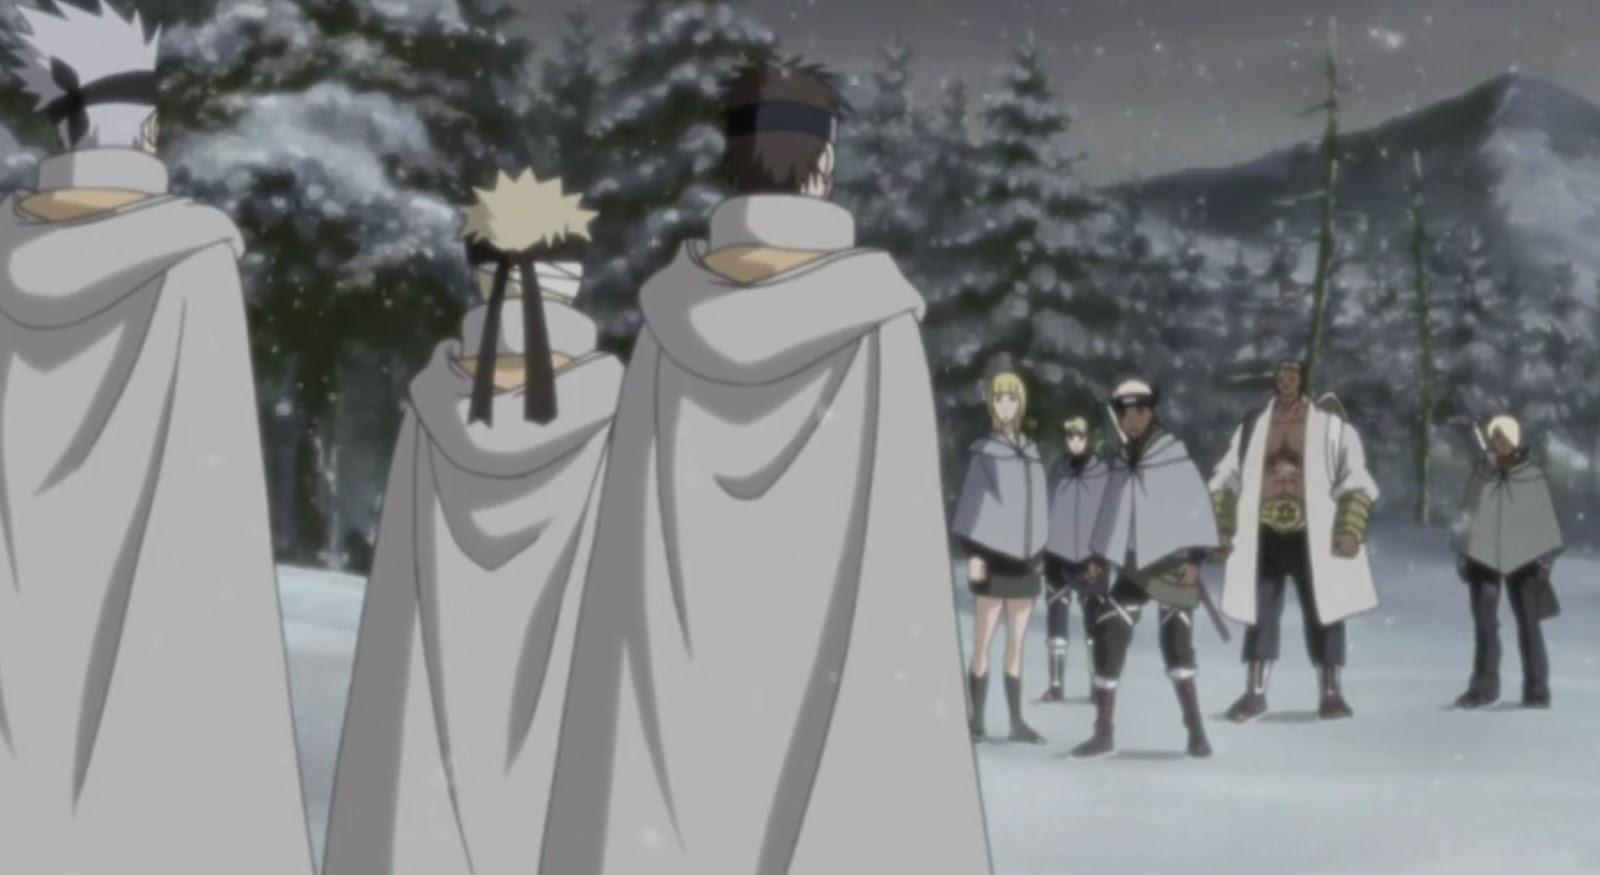 Naruto Shippuden Episódio 199, Assistir Naruto Shippuden Episódio 199, Assistir Naruto Shippuden Todos os Episódios Legendado, Naruto Shippuden episódio 199,HD